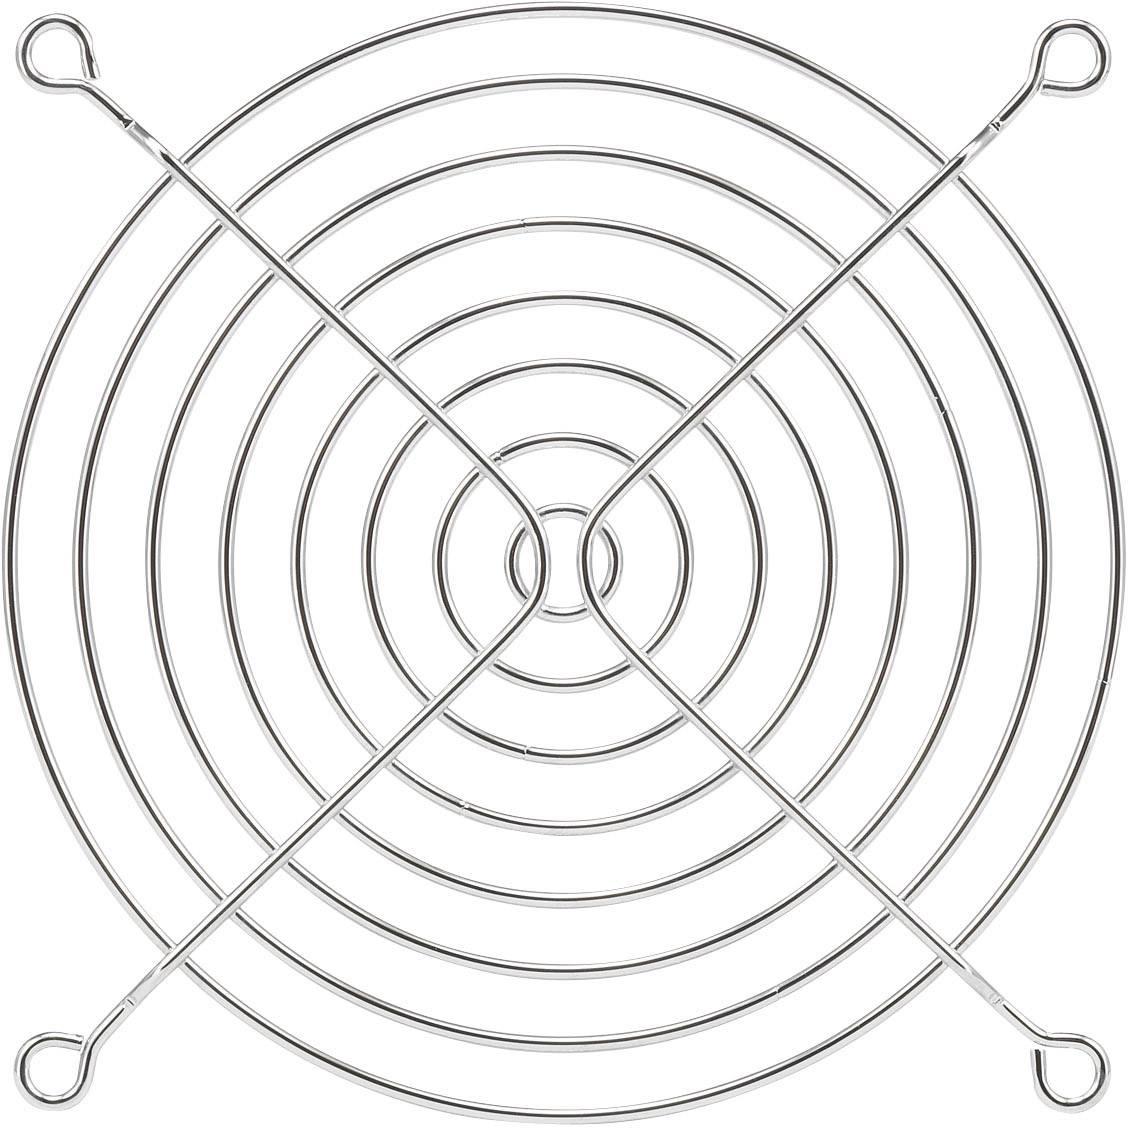 Větrací mřížka PROFAN Technology 1408557, (š x v) 120 mm x 120 mm, kov, 1 ks